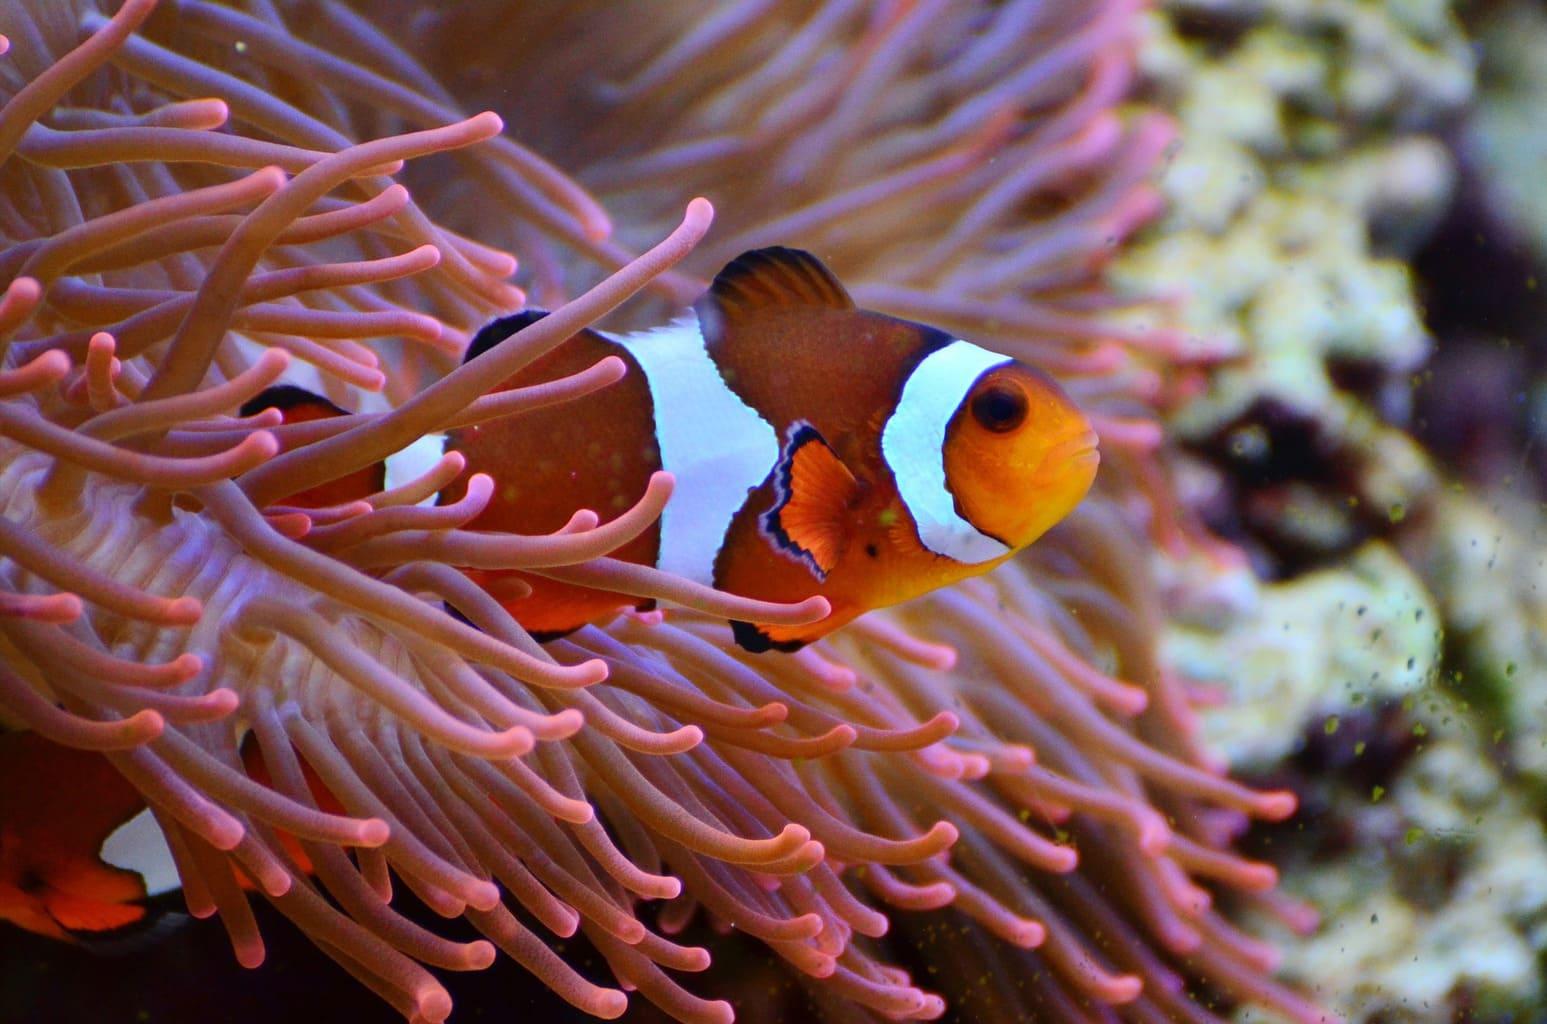 anemone-fish-1496866_1920 (2)